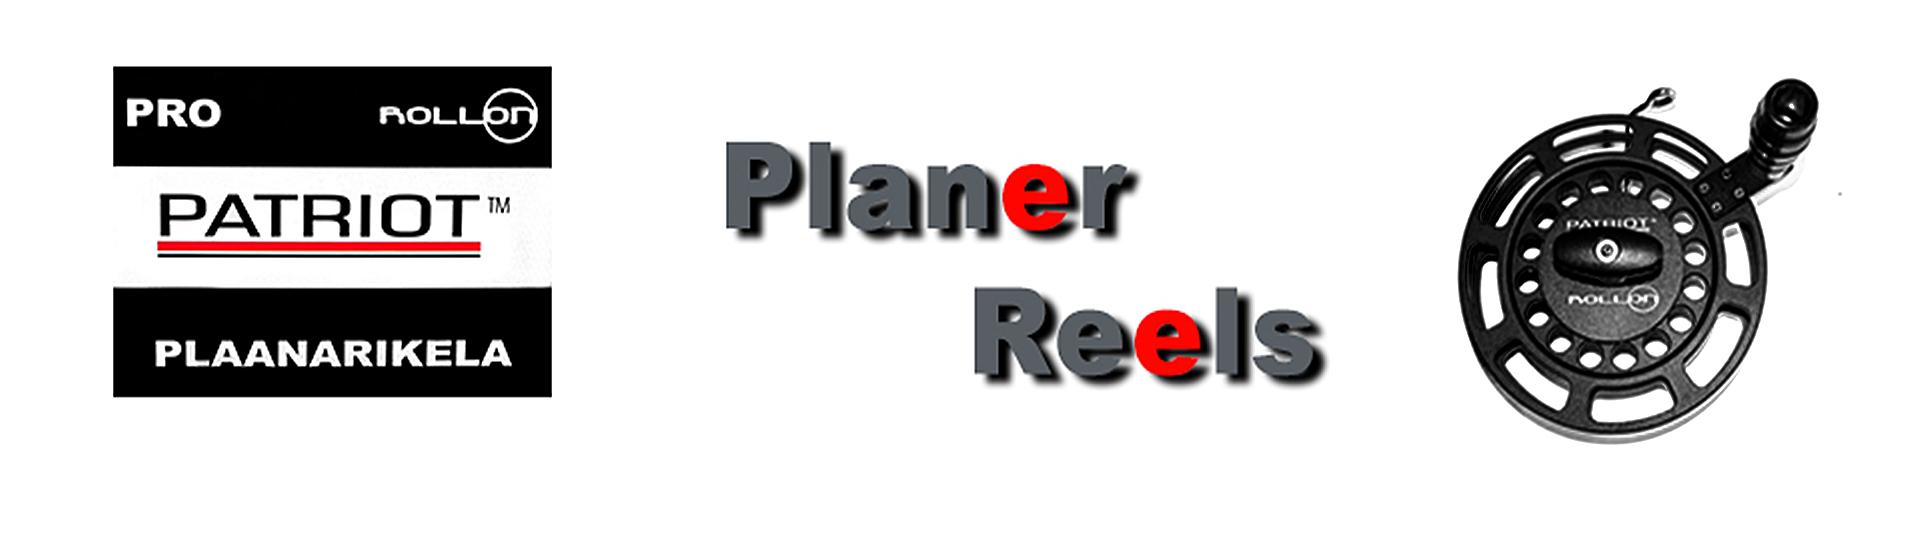 Patriot Planer-Rollen